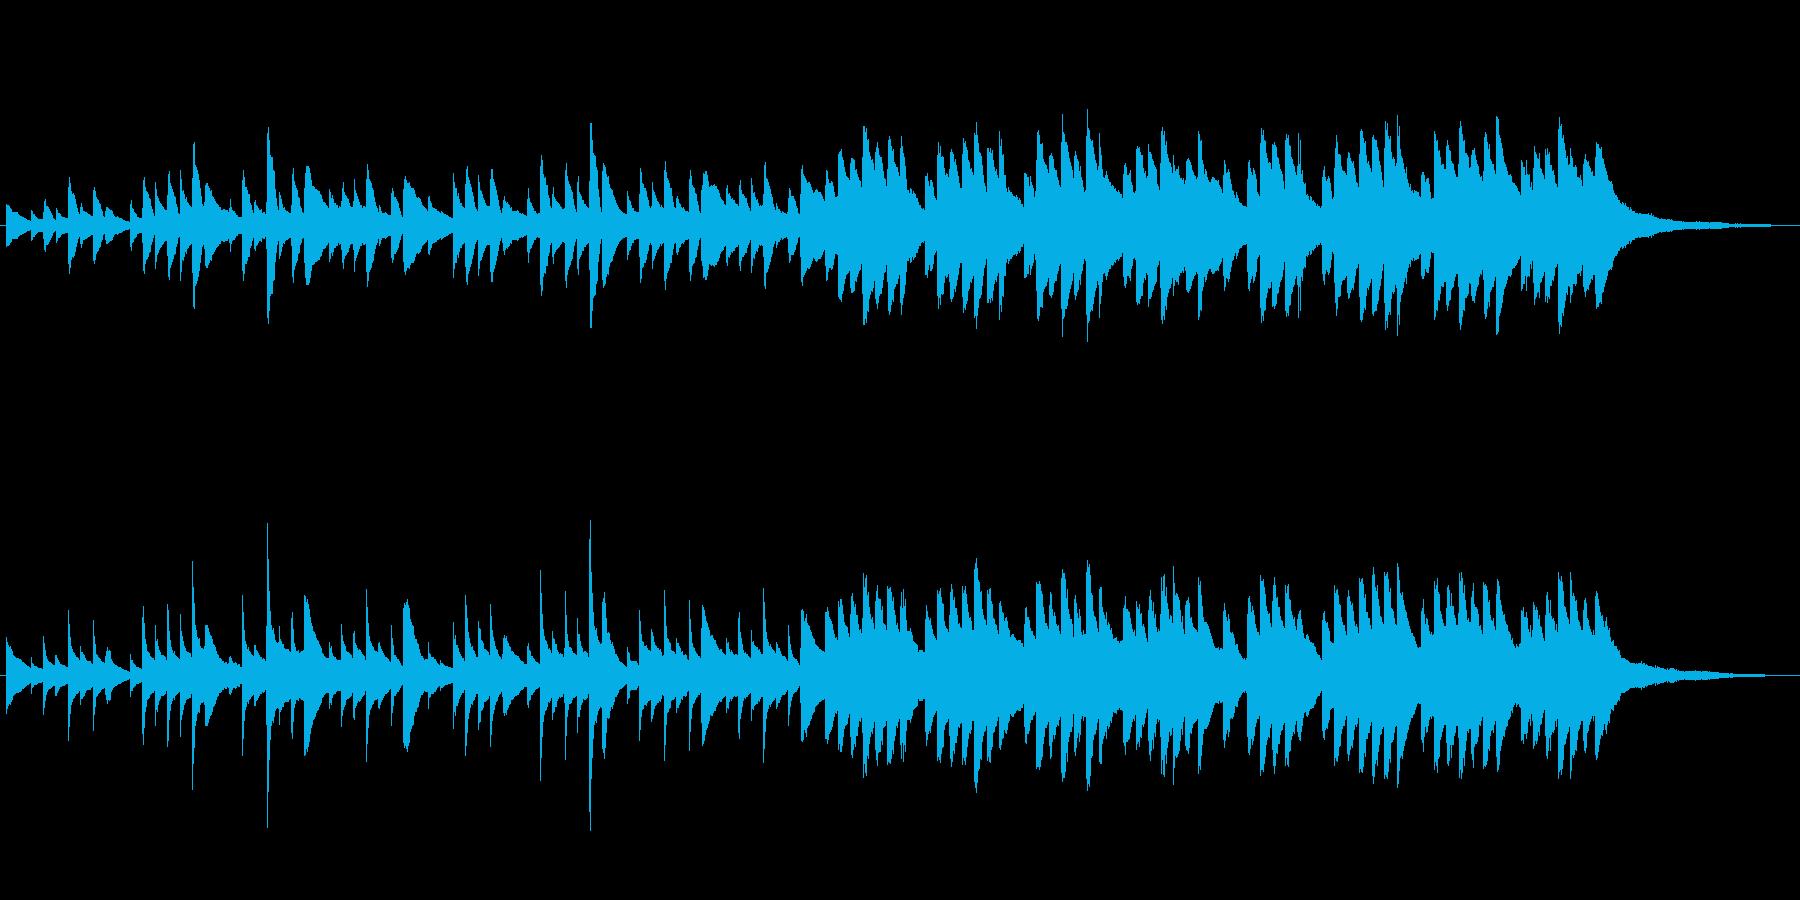 温かく優しいピアノ曲の再生済みの波形